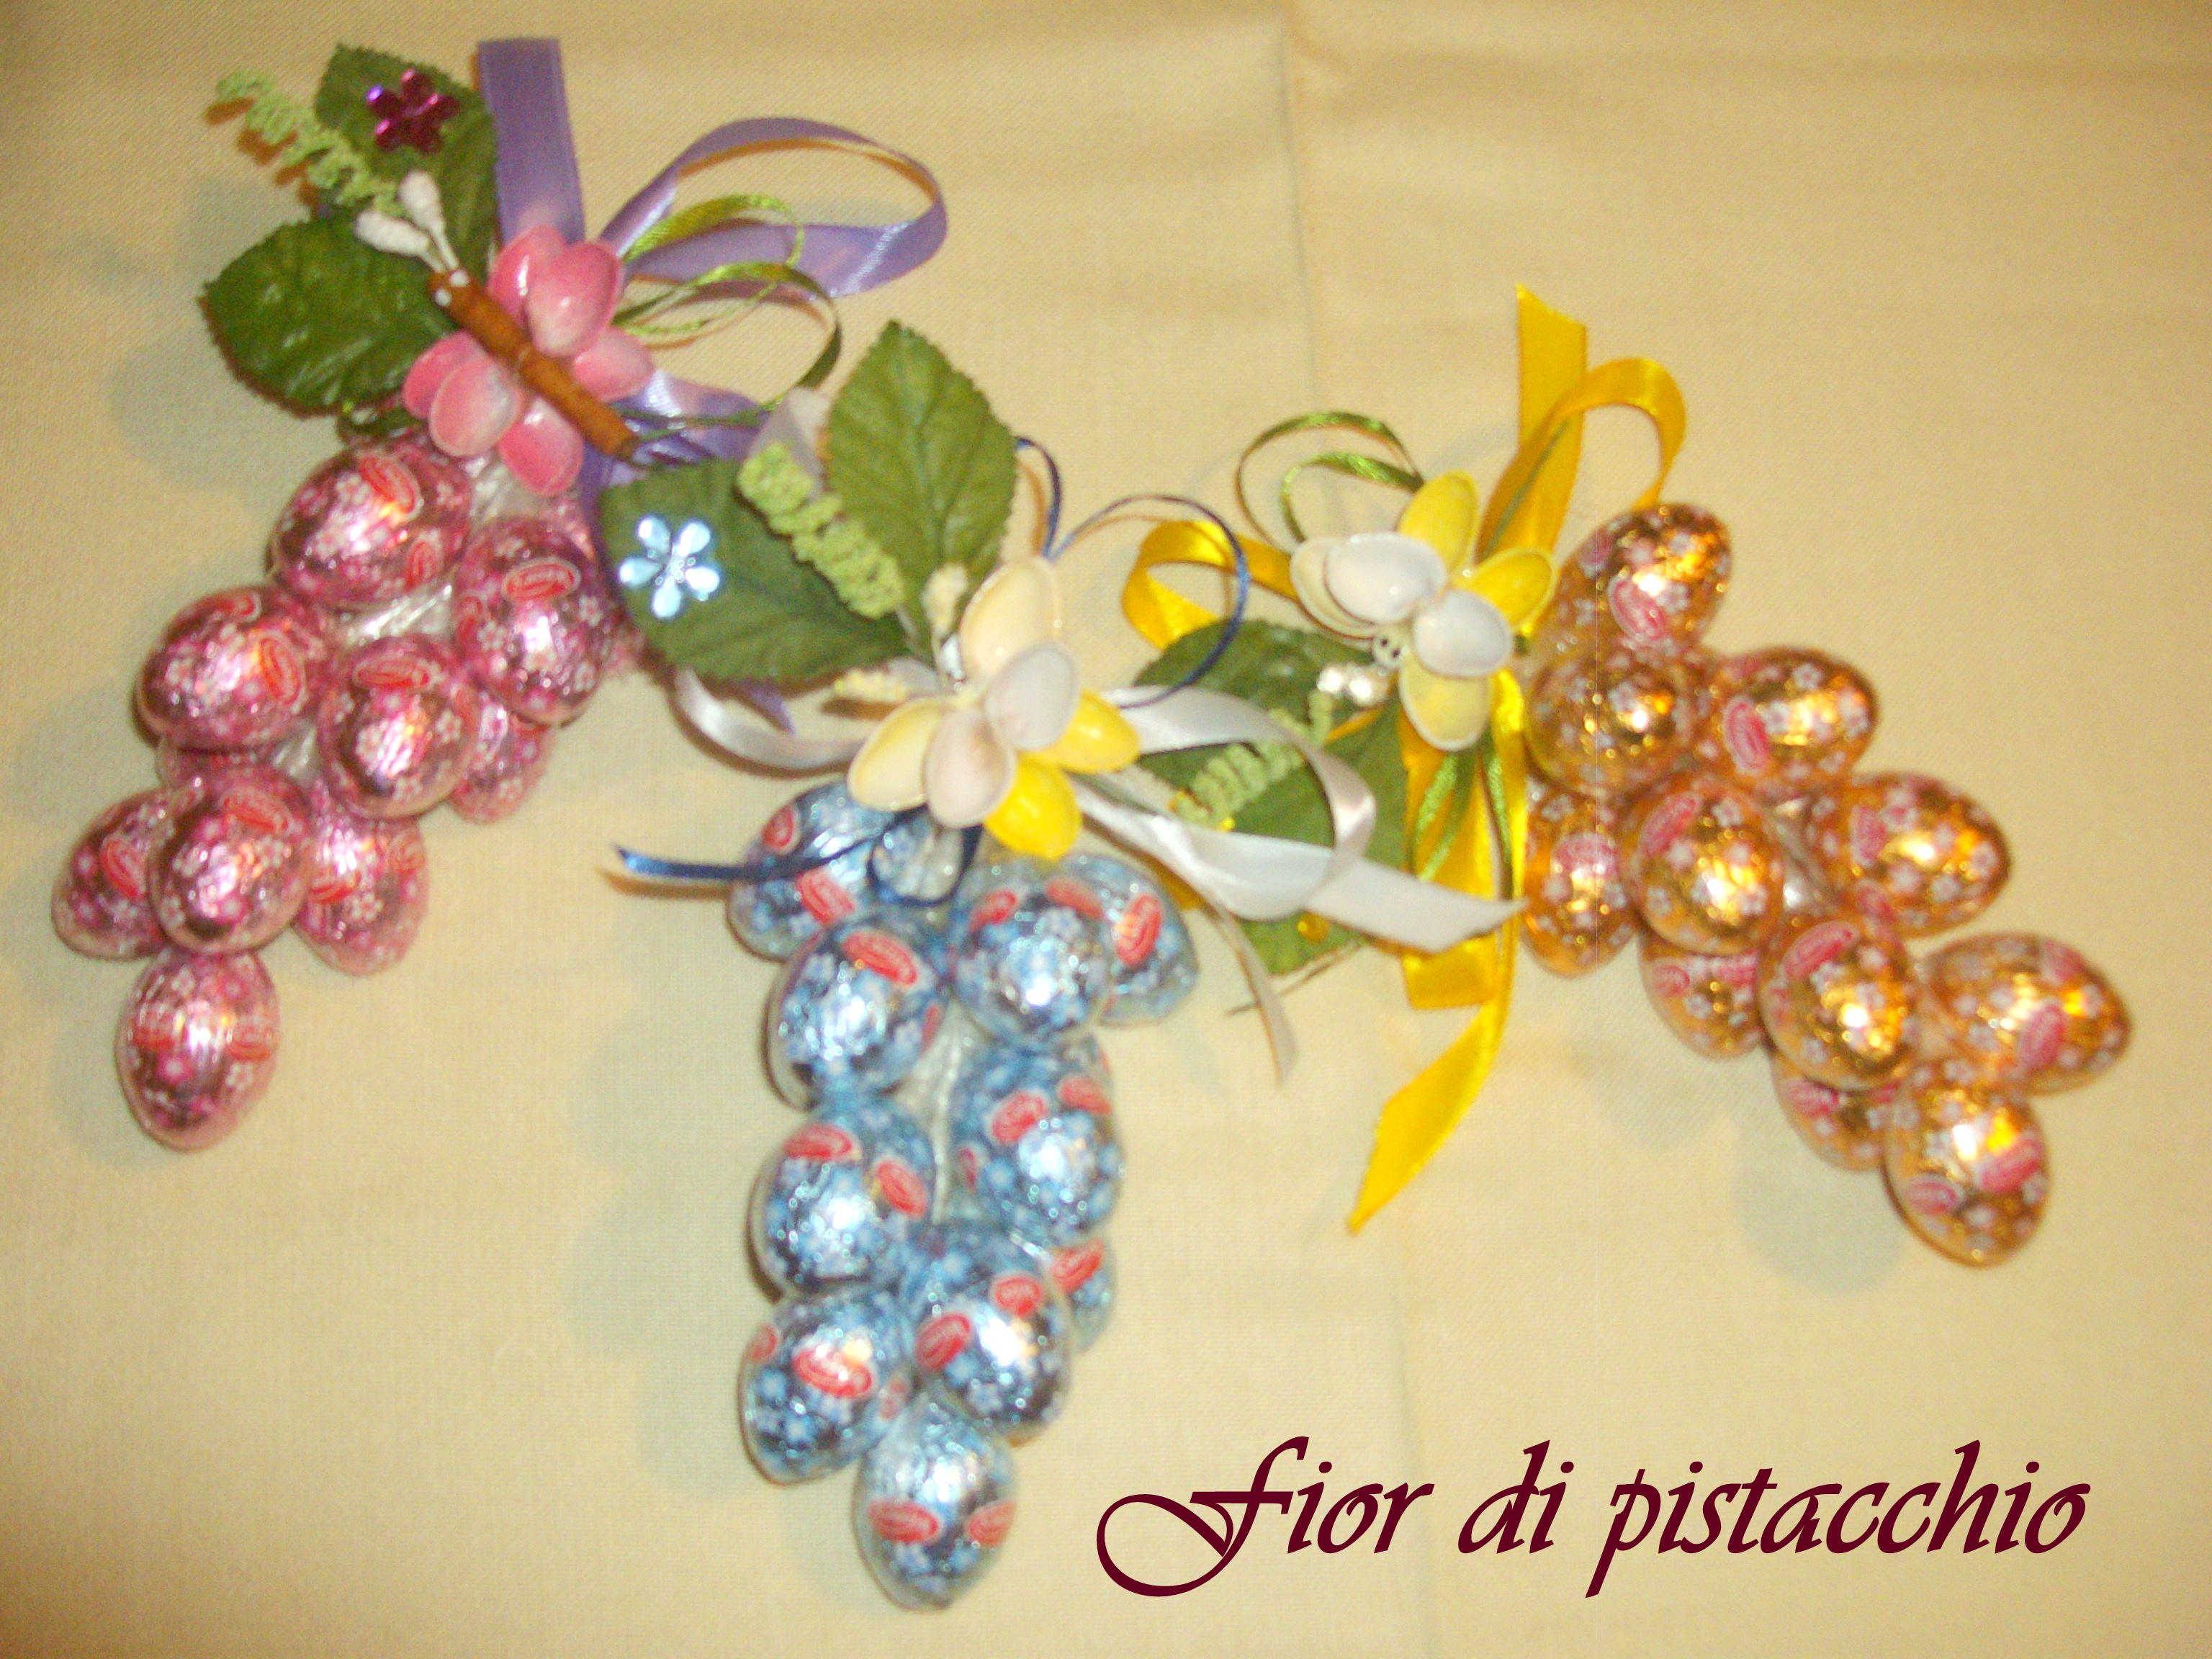 Grappoli d uova di cioccolato pasqua 2015 fior di - Uova di pasqua decorati ...